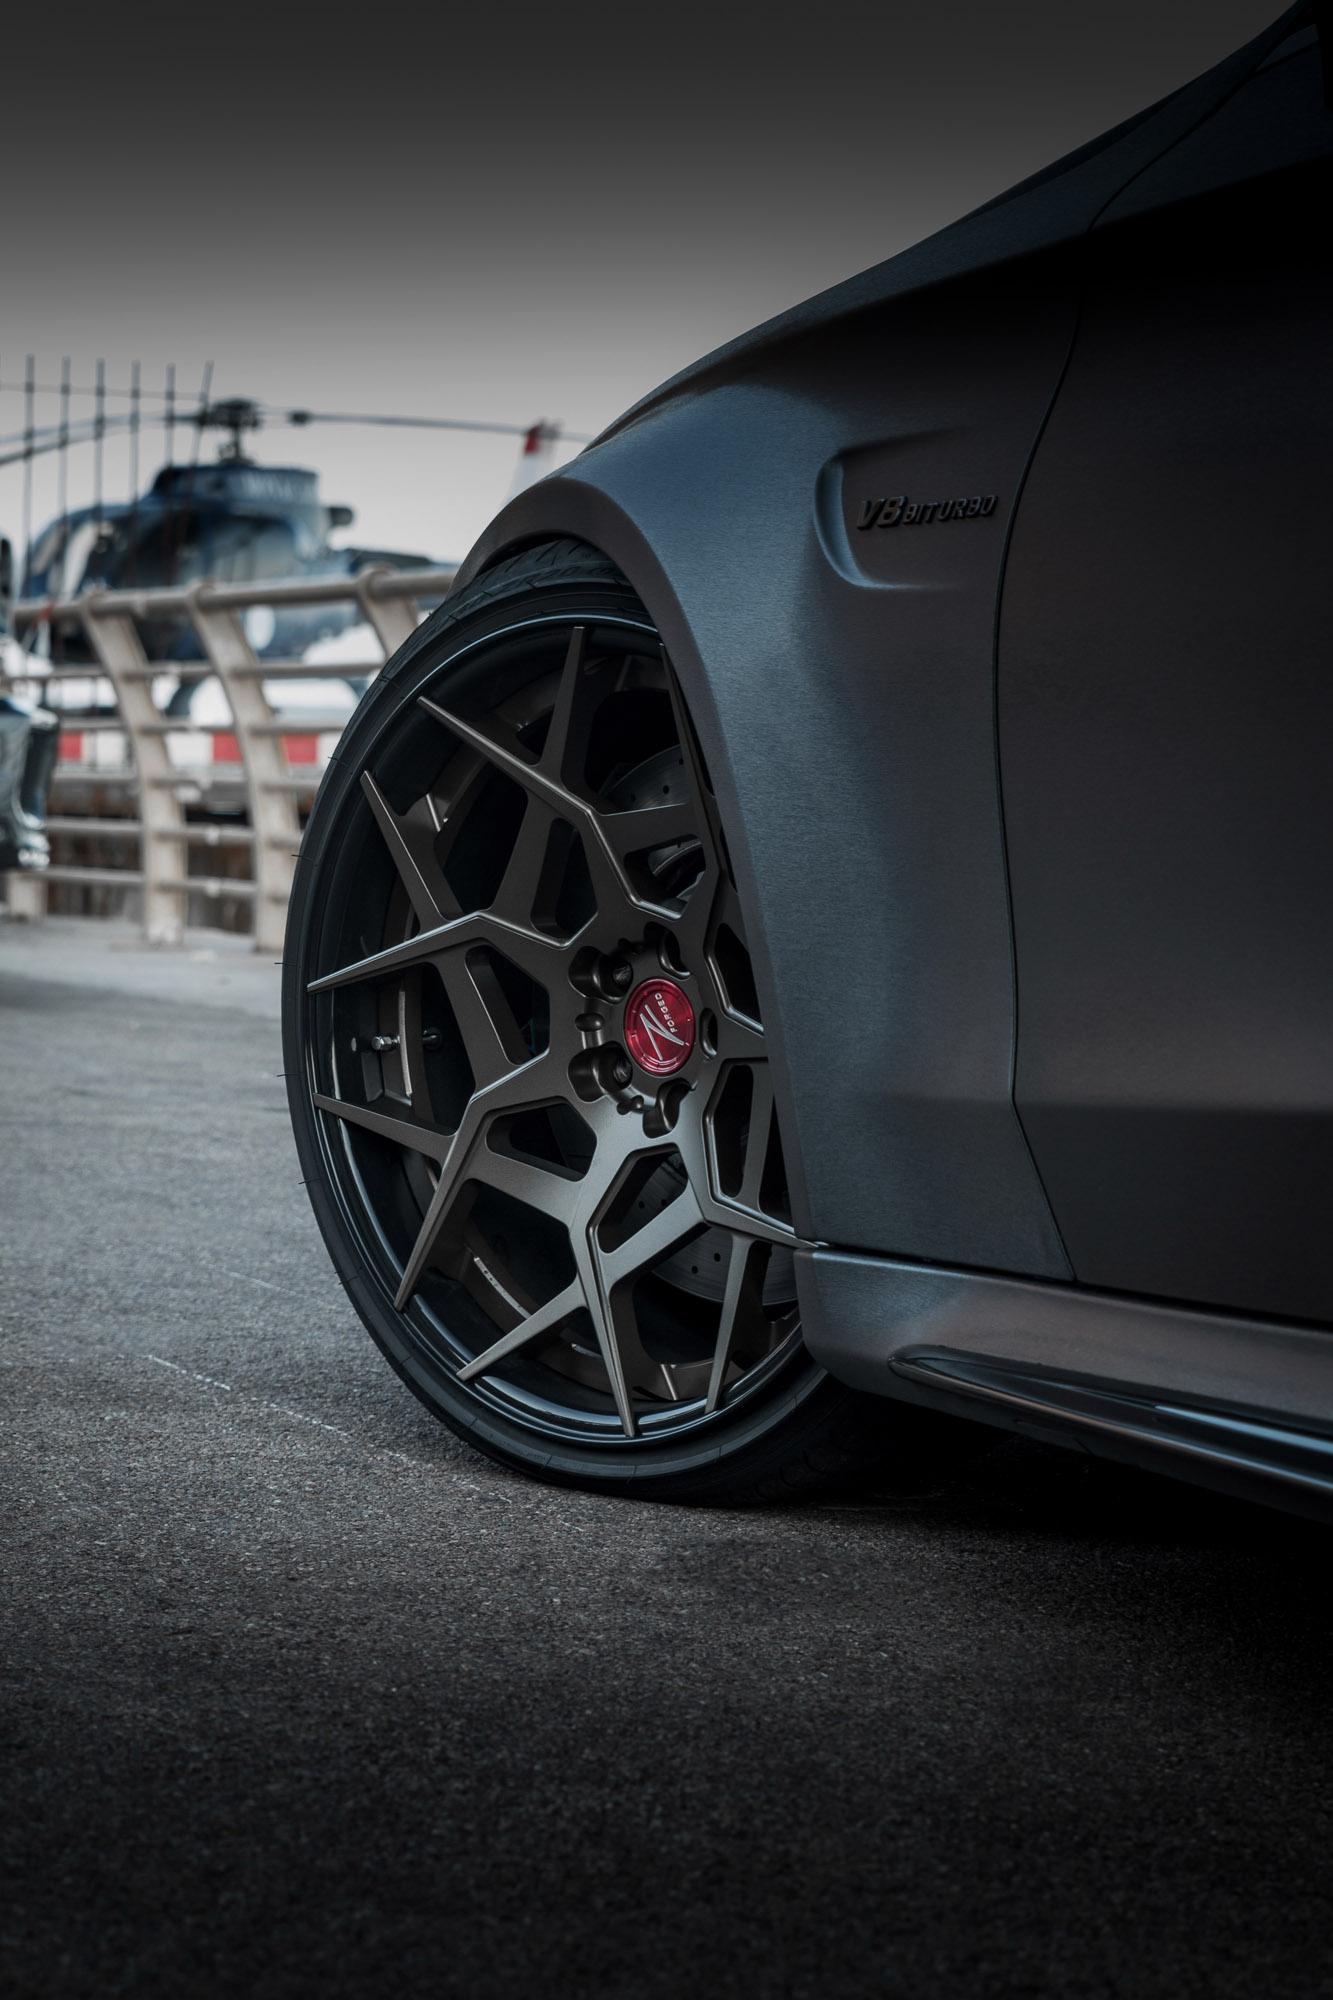 С точки зрения трансмиссии купе оснащен модернизированным четырехлитровым твин-турбо V8, даунпайпом без катализаторов и выхлопной системой от FI Exhaust.